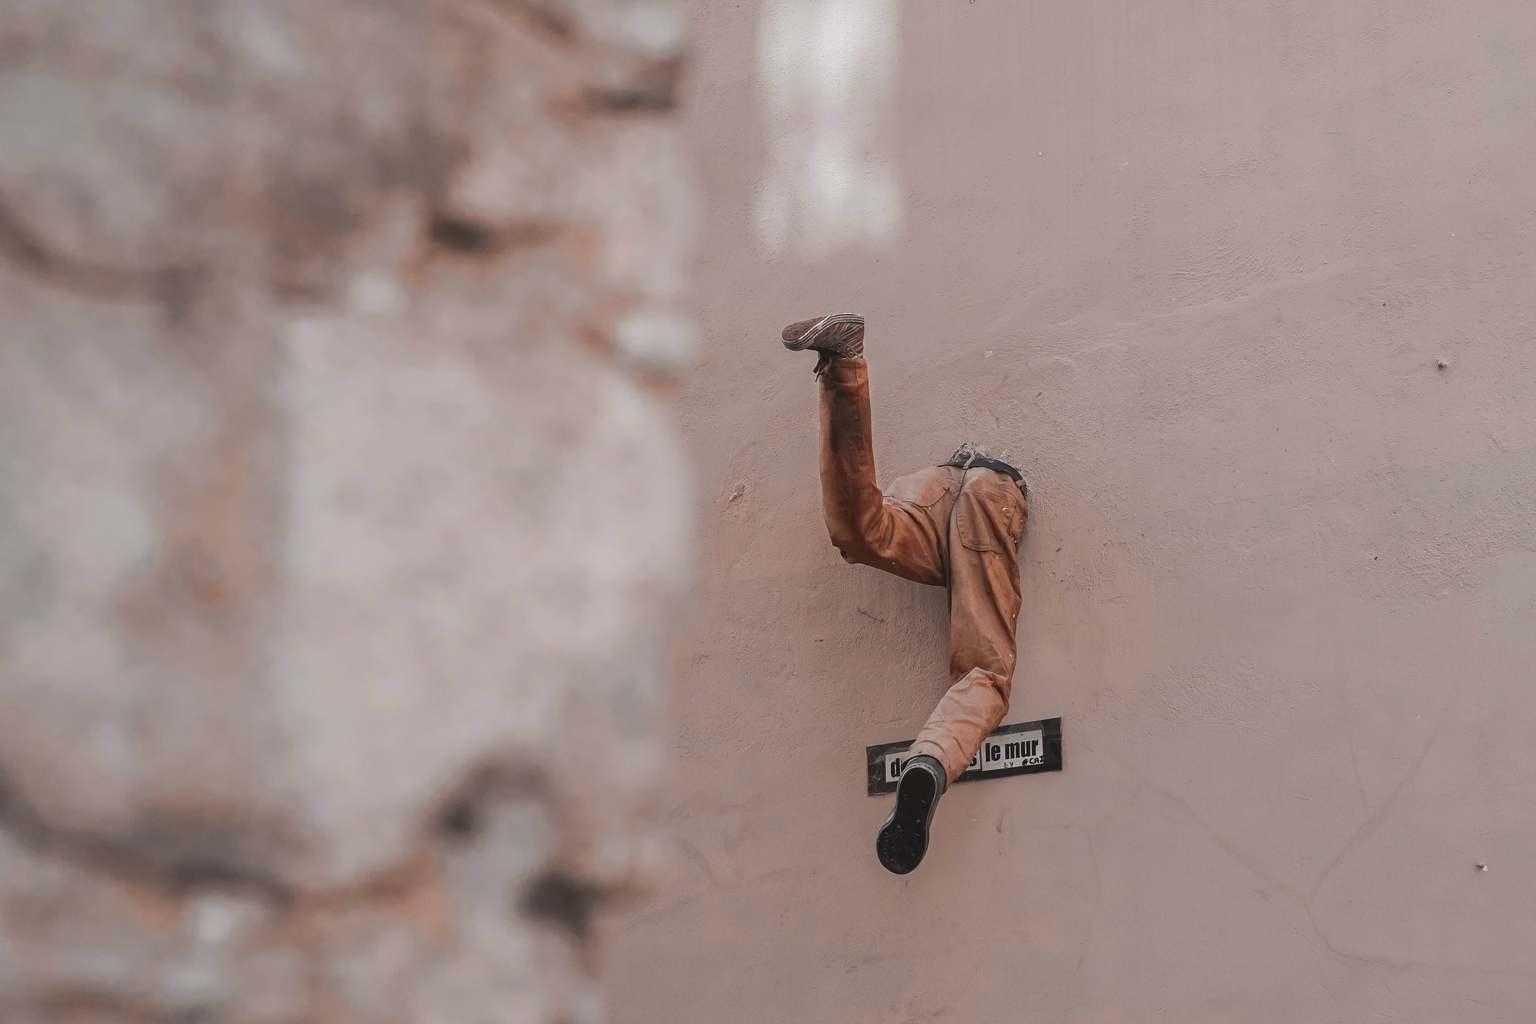 Mitad de un cuerpo asomando por un agujero de la pared